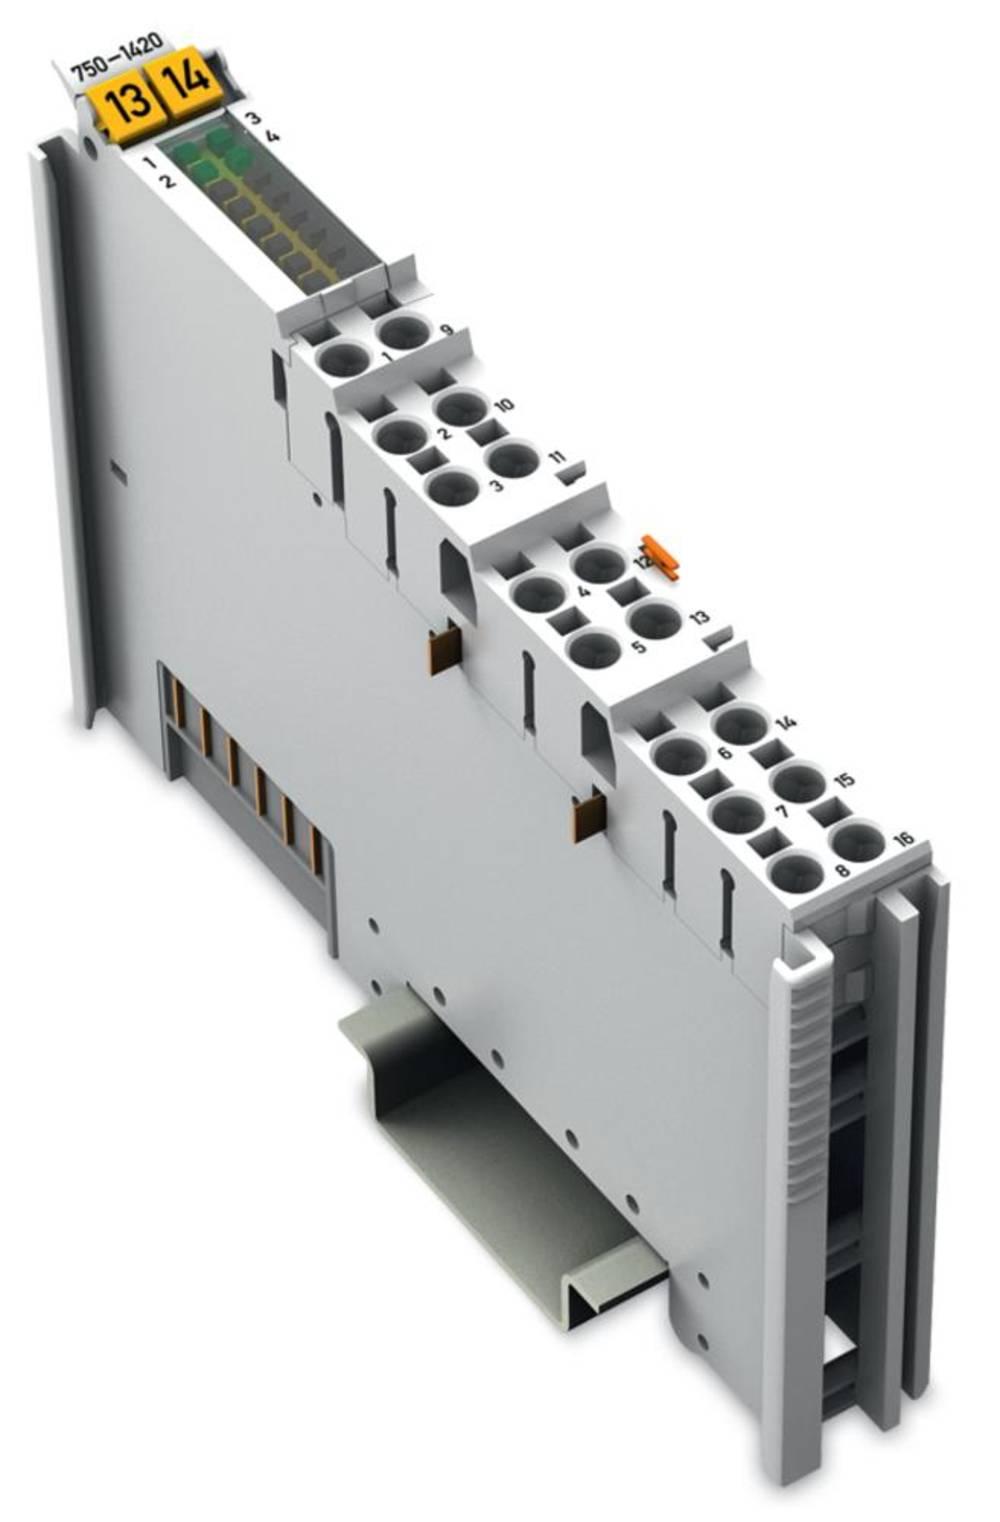 WAGO 4-kanalna-digitalna vhodna spona 750-1420 24 V/DC vsebuje: 1 kos